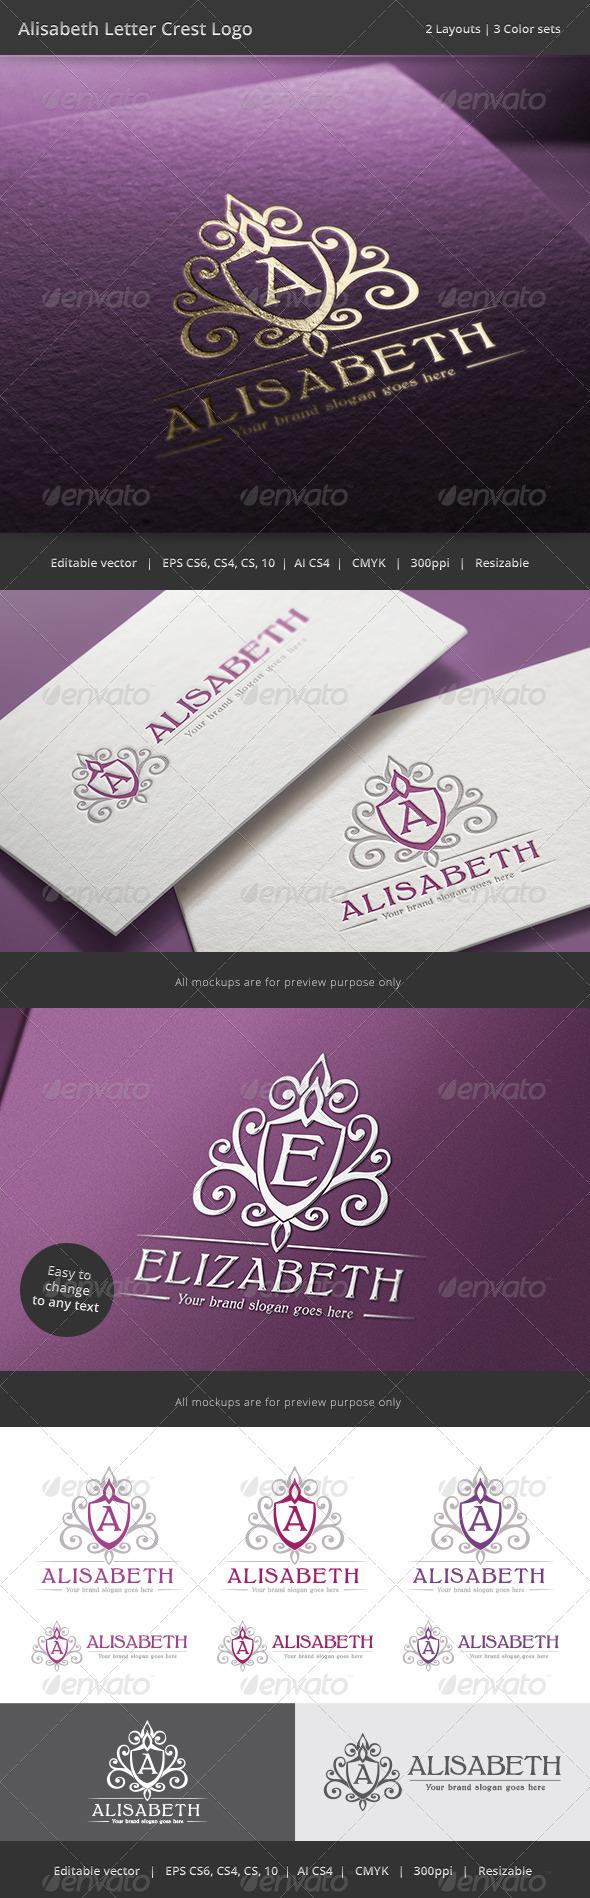 GraphicRiver Alisabeth Letter Crest Logo 8772977